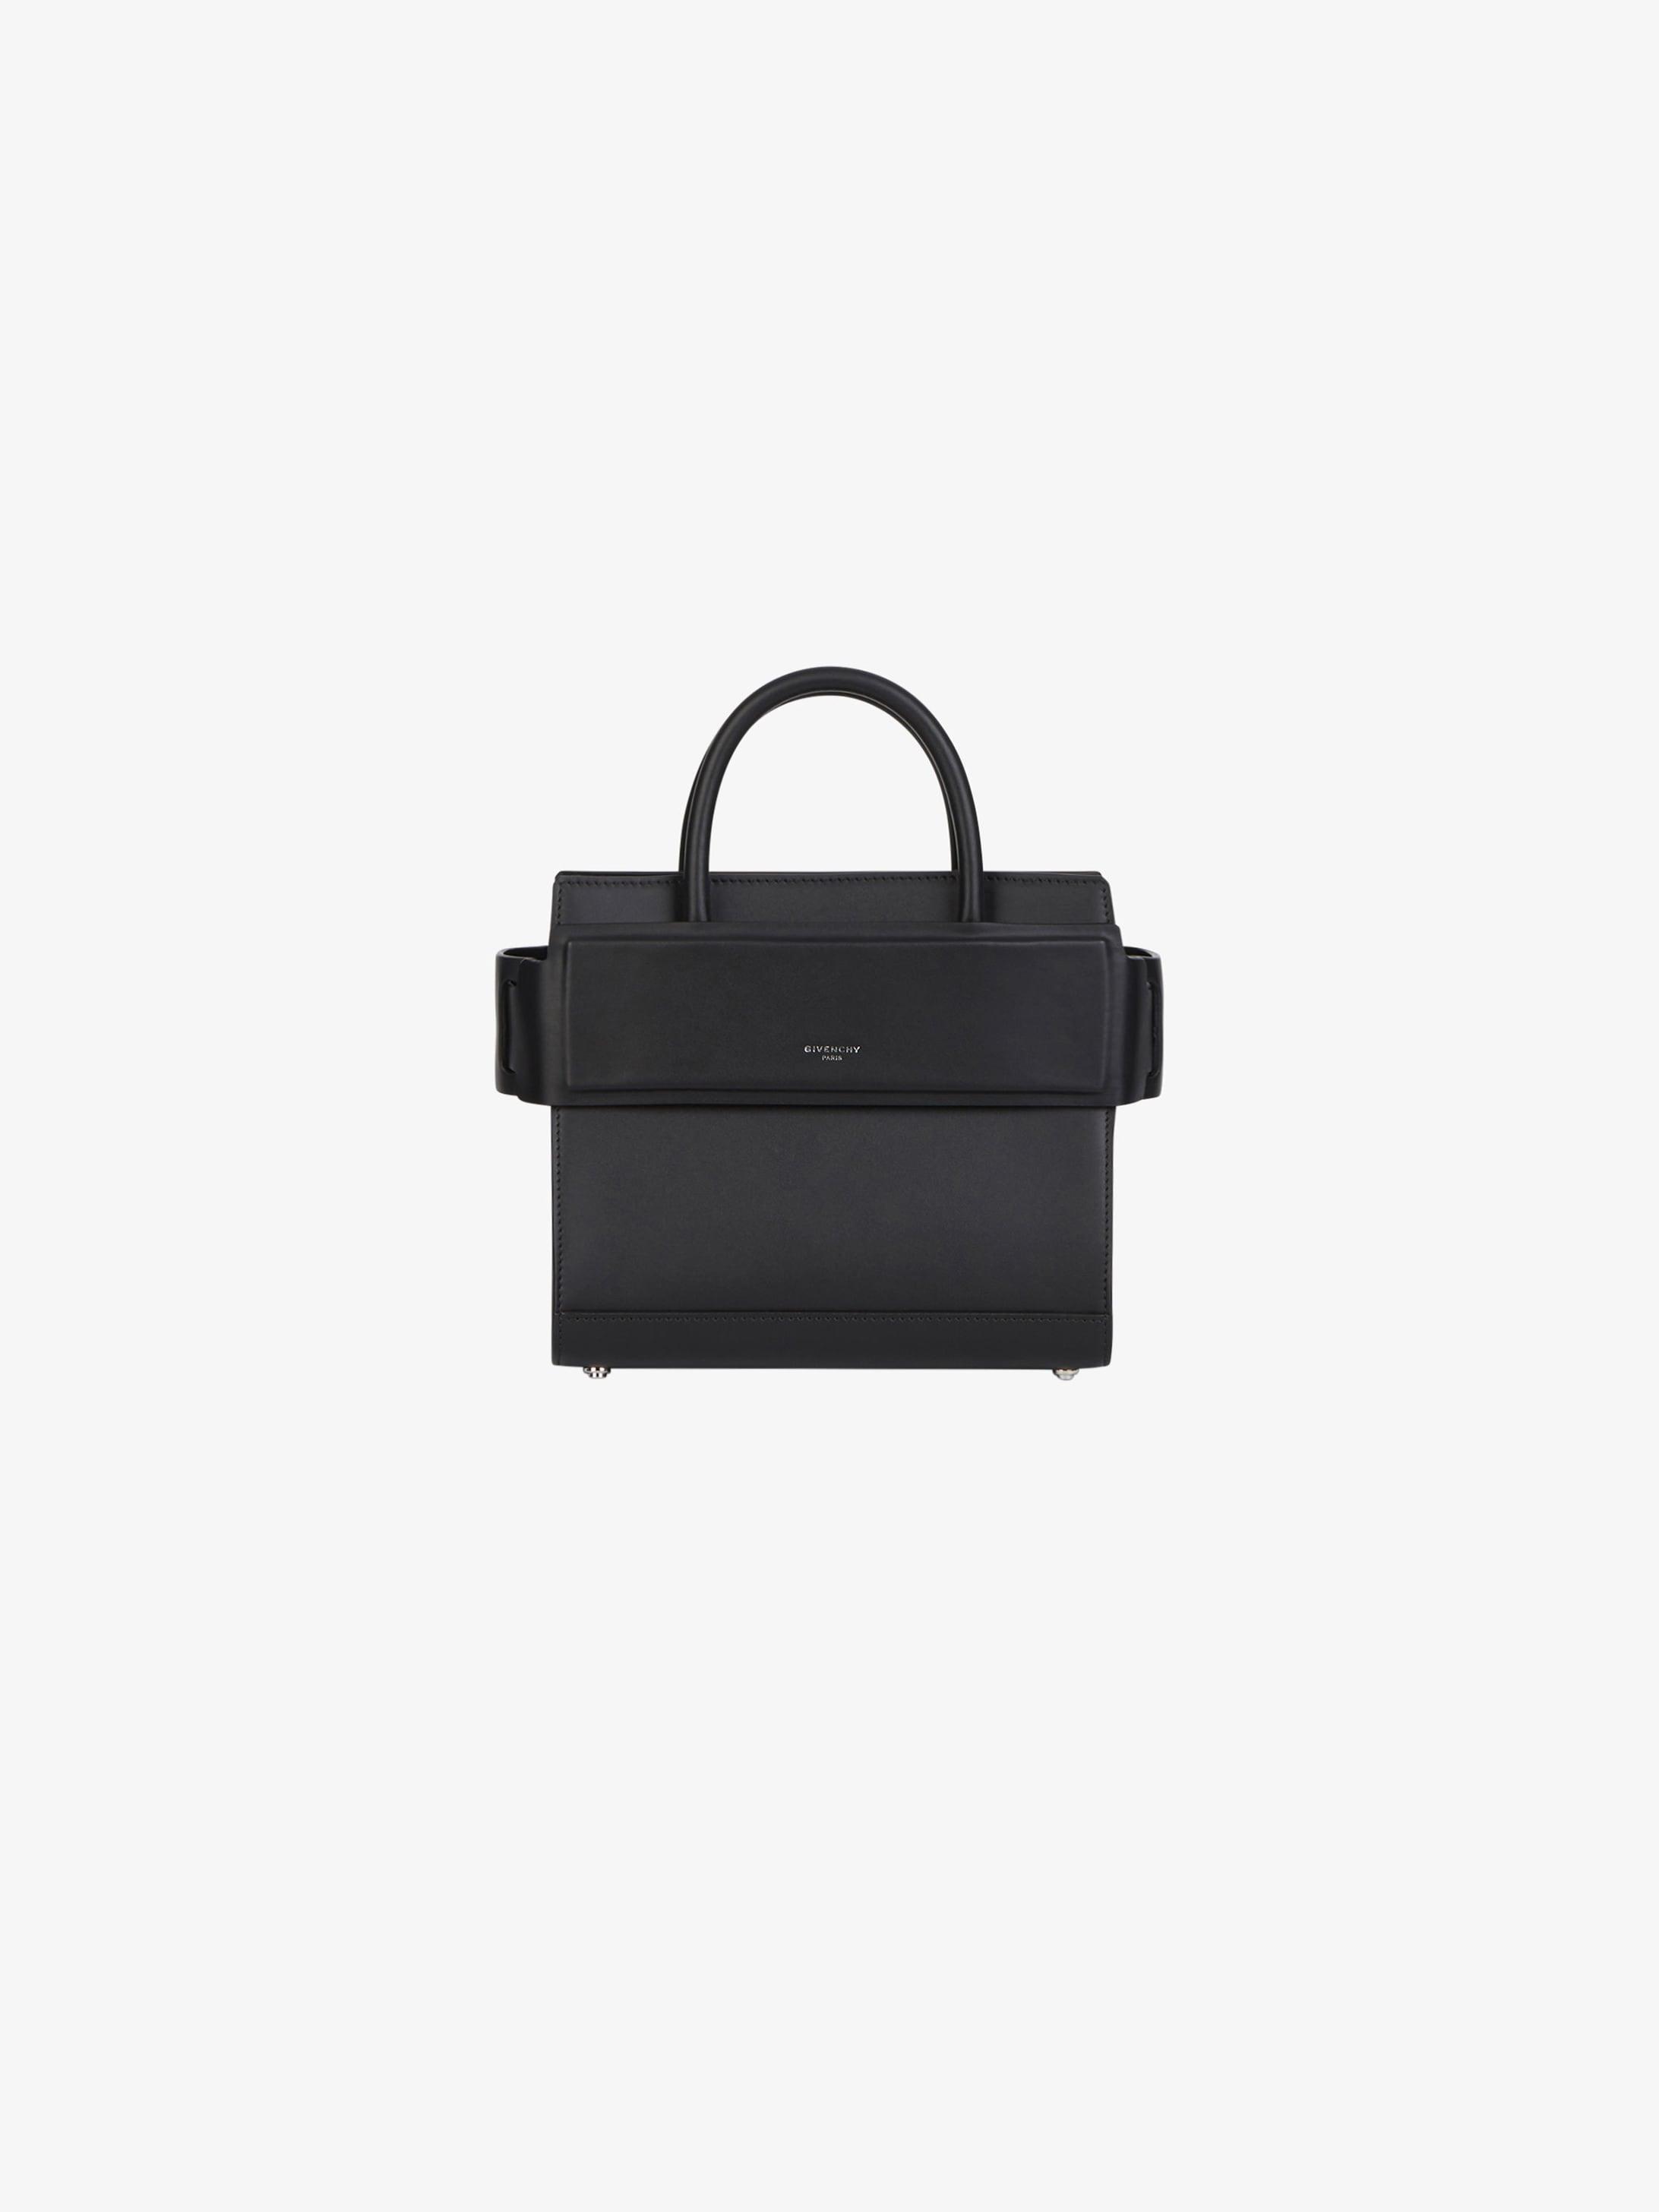 99fa6c3109 Mini Horizon bag in smooth leather